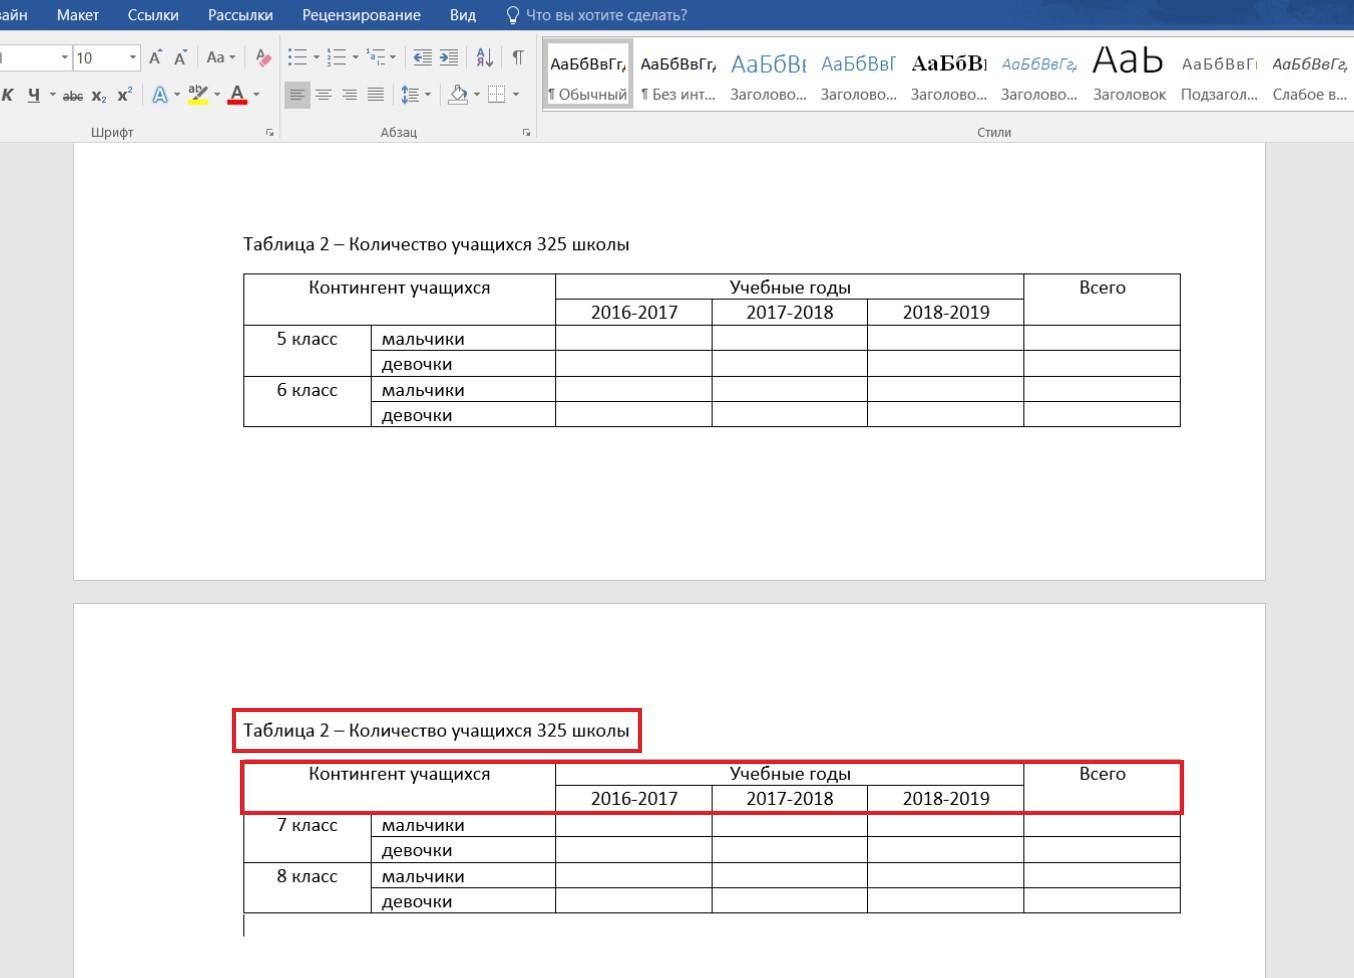 Пример правильного переноса таблицы на другой лист